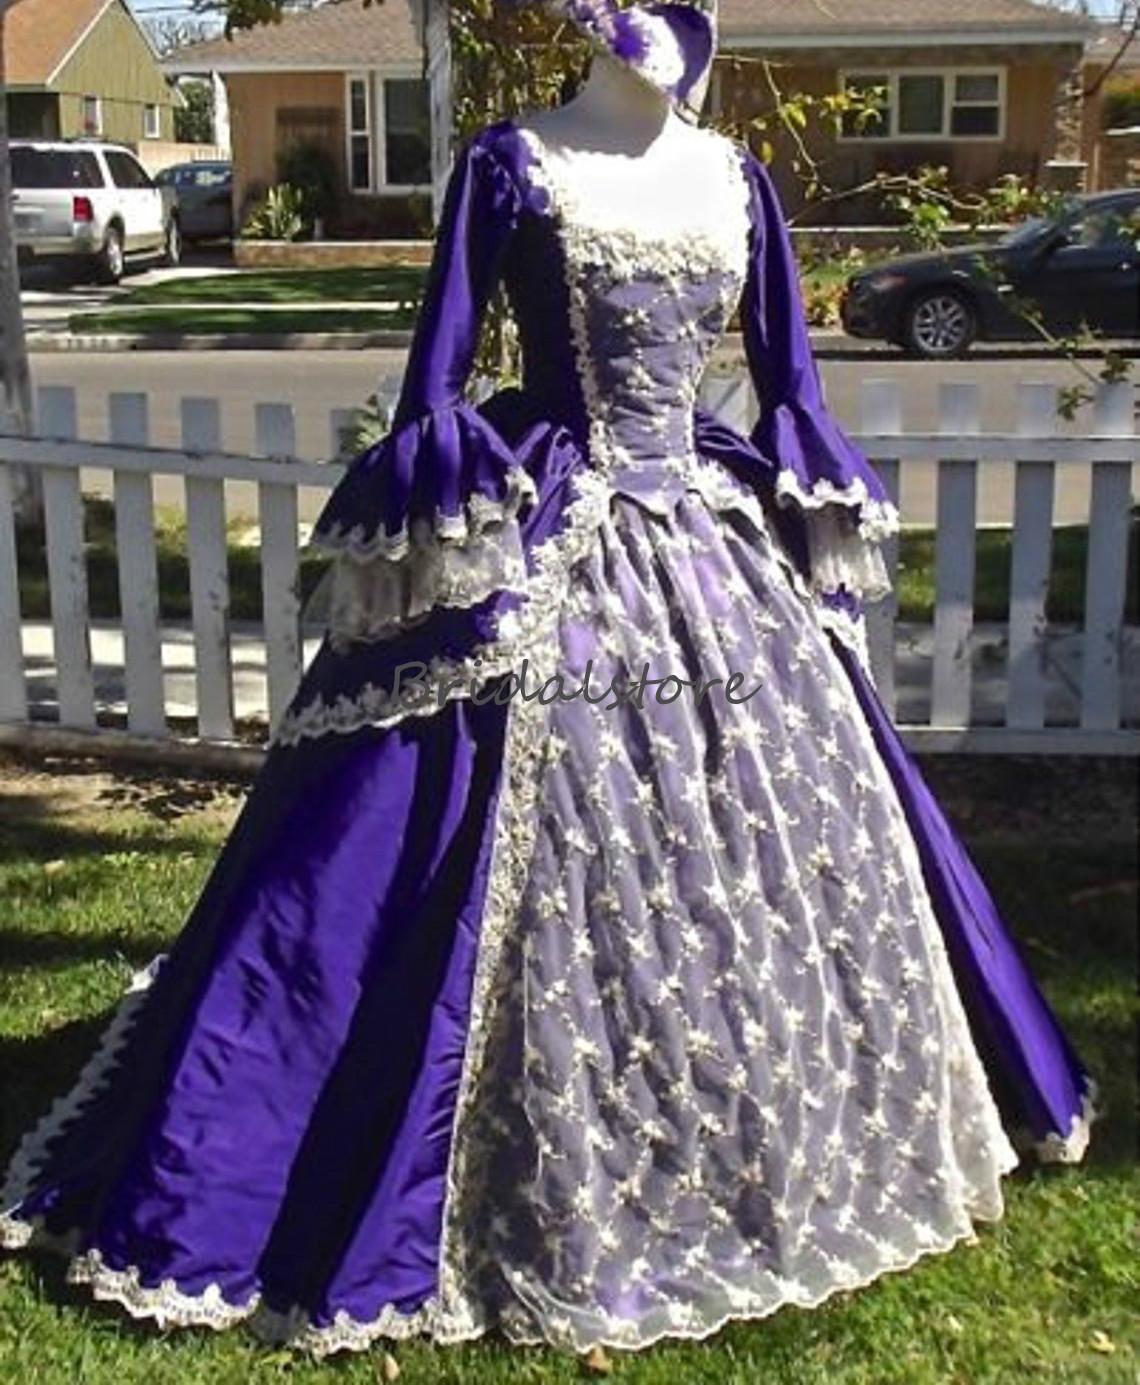 Trajes medievais roxo Prom Dresses com Puff mangas Lace Vestido Longo vestido de baile Masquerade Corset Praça Formal vestido de festa 2020